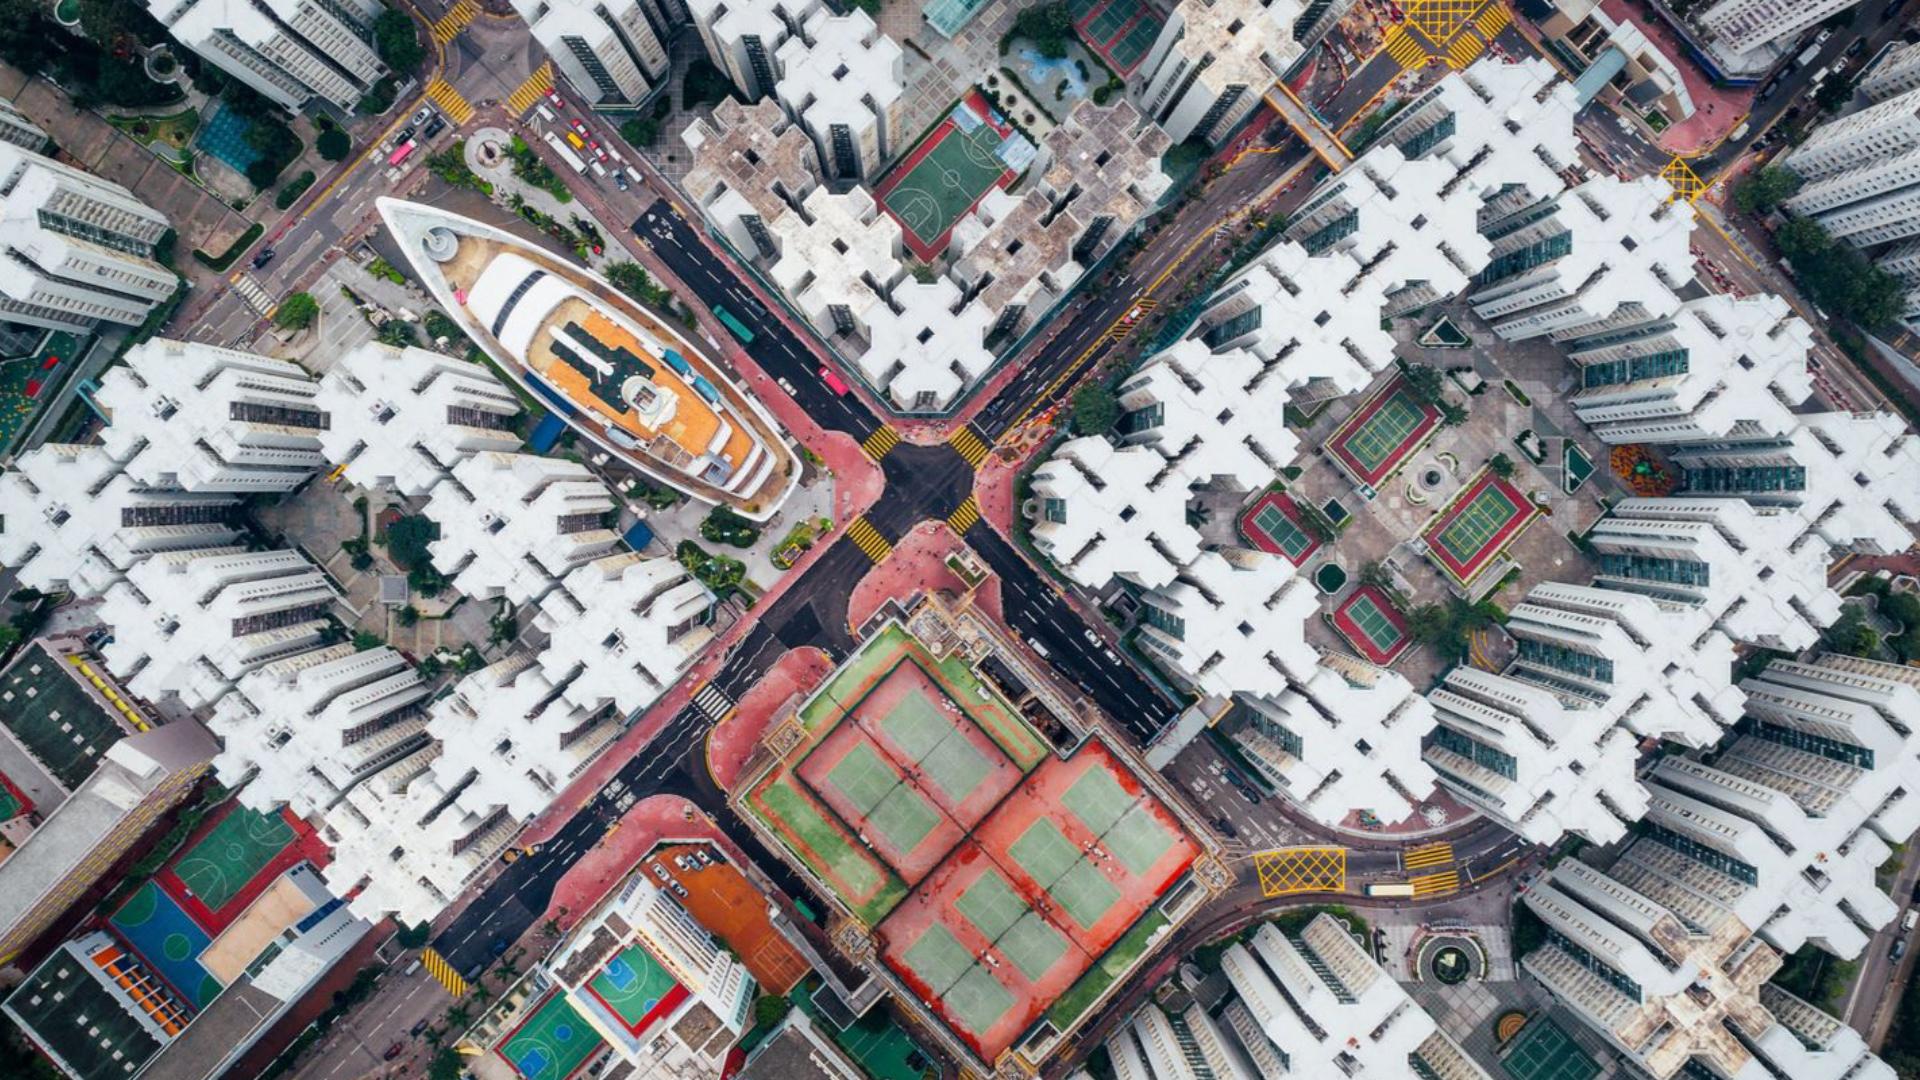 Ciudades – Segundo lugar. Una vista aérea de los edificios de Whampoa Garden, en Honk Kong. Un retrato de la modernidad en un área con densidad poblacional extrema. Por Andy Yeung